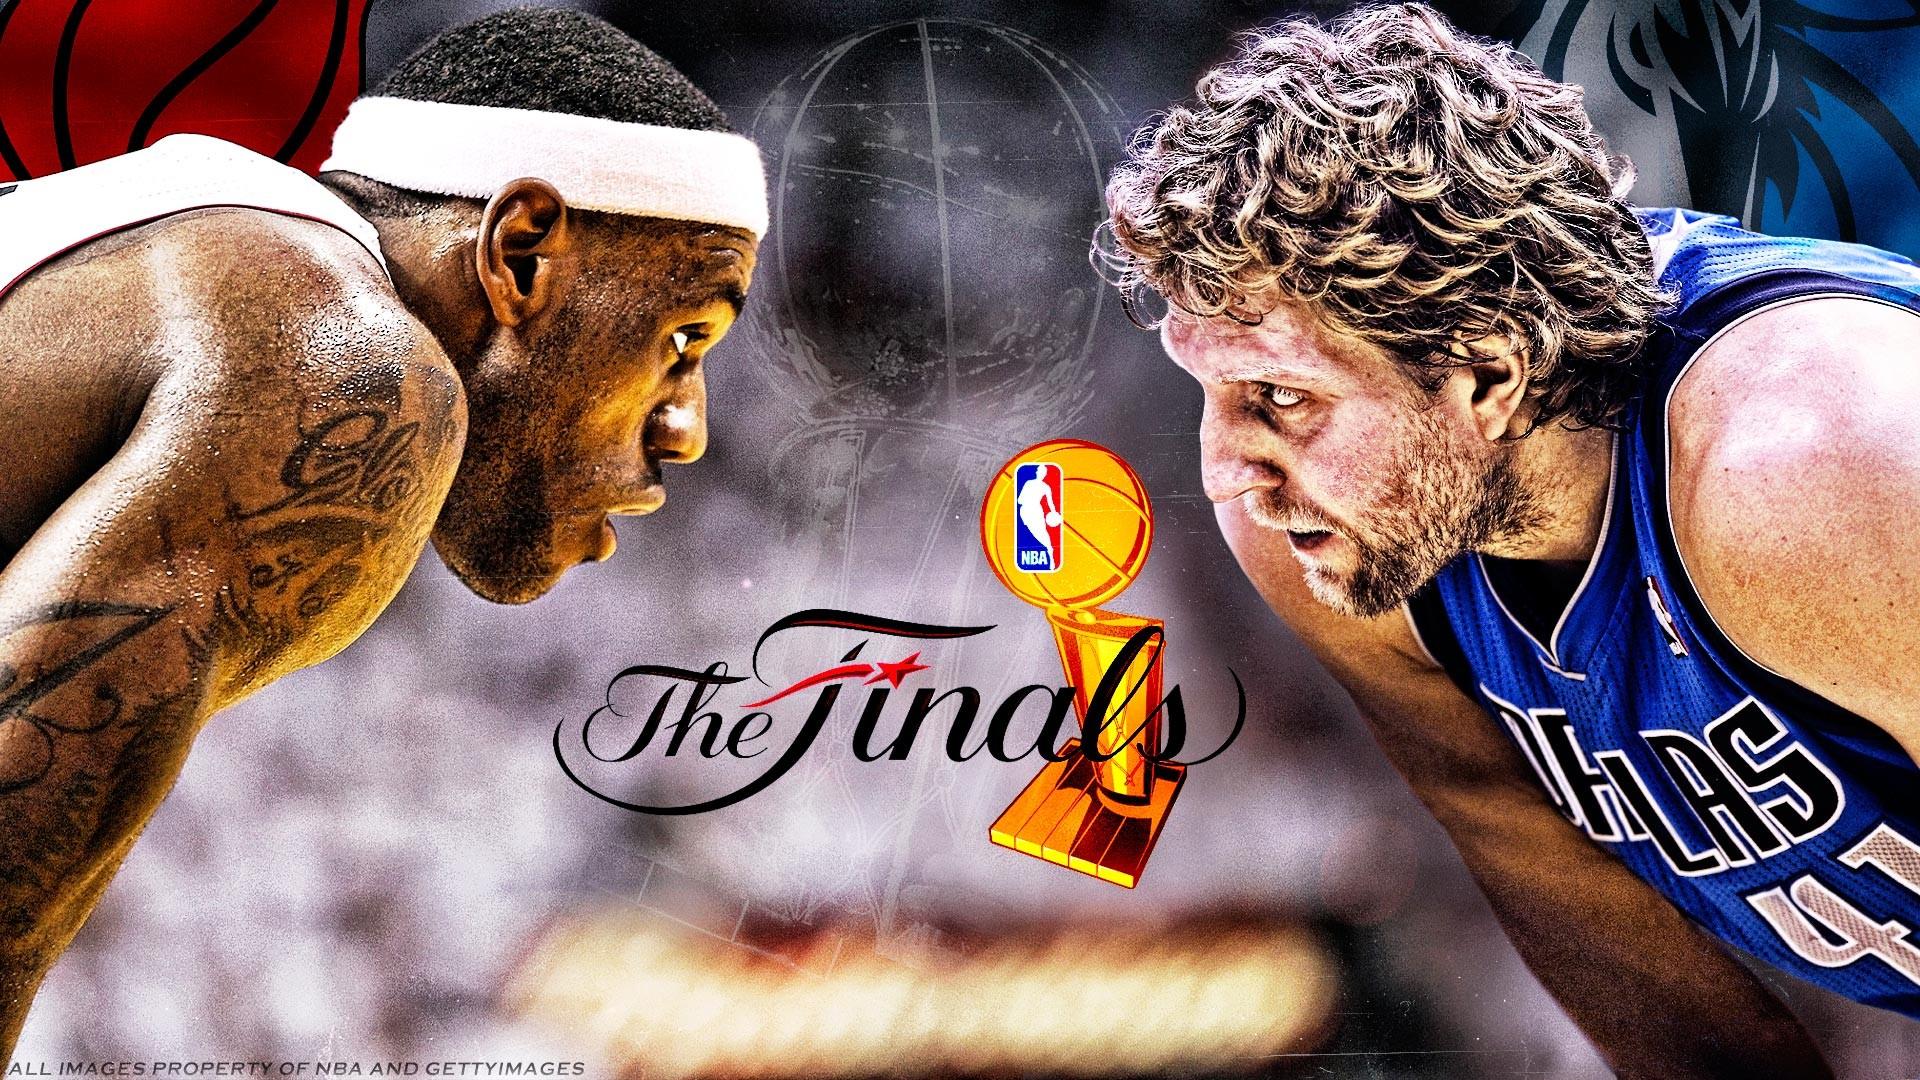 2011 NBA Finals Heat Mavs Widescreen Wallpaper